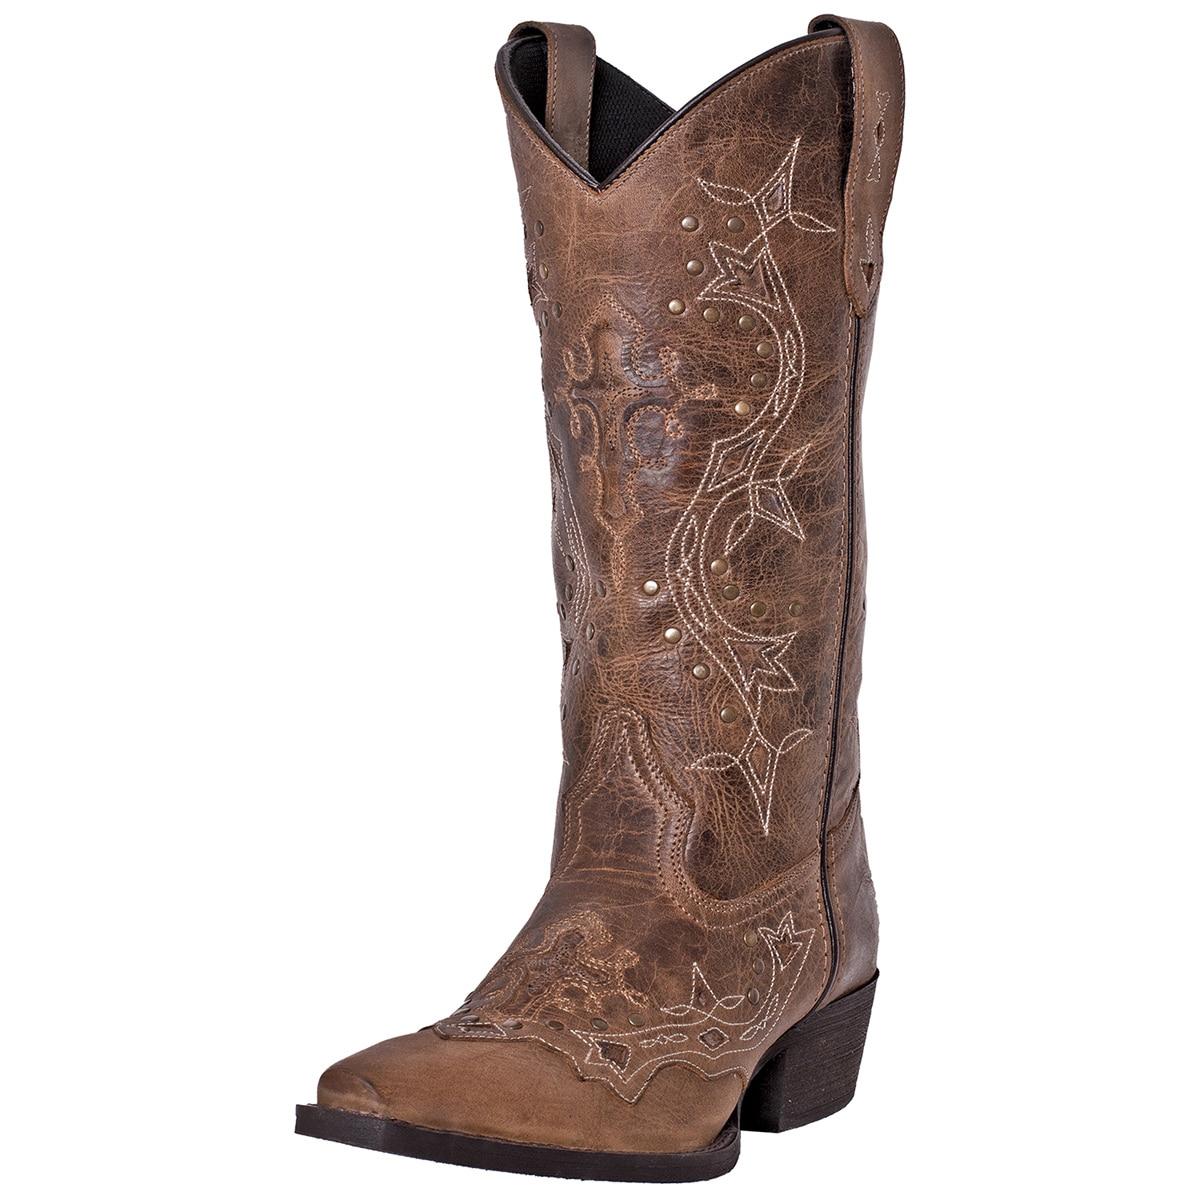 3e1ead47141 Laredo Women's Cross Point Boots